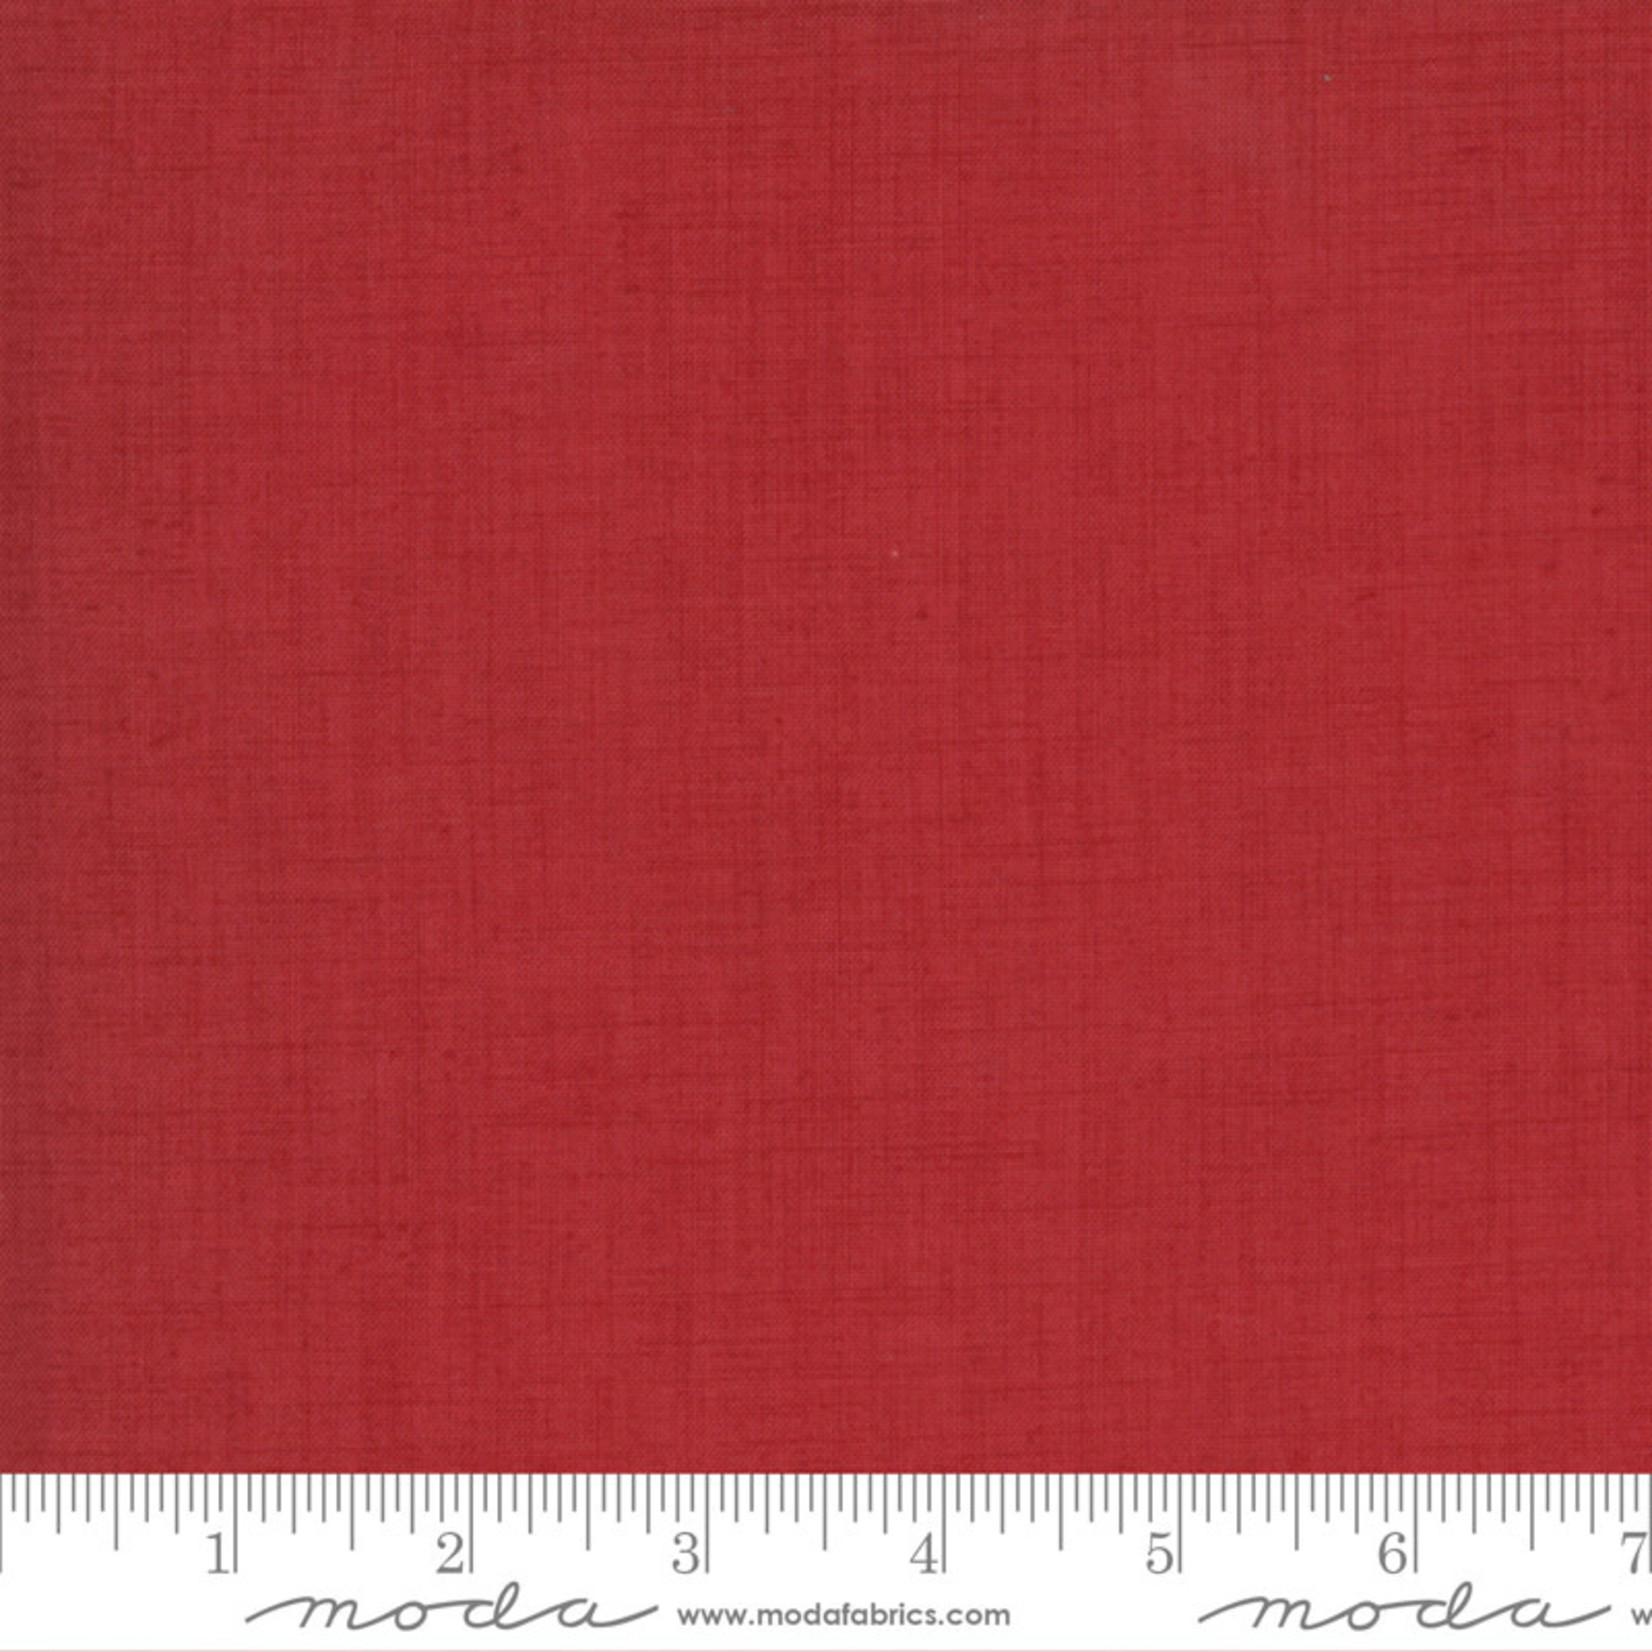 FRENCH GENERAL Jardins De Fleurs, Linen Texture, Rouge 13529-23 $0.20 per cm or $20/m